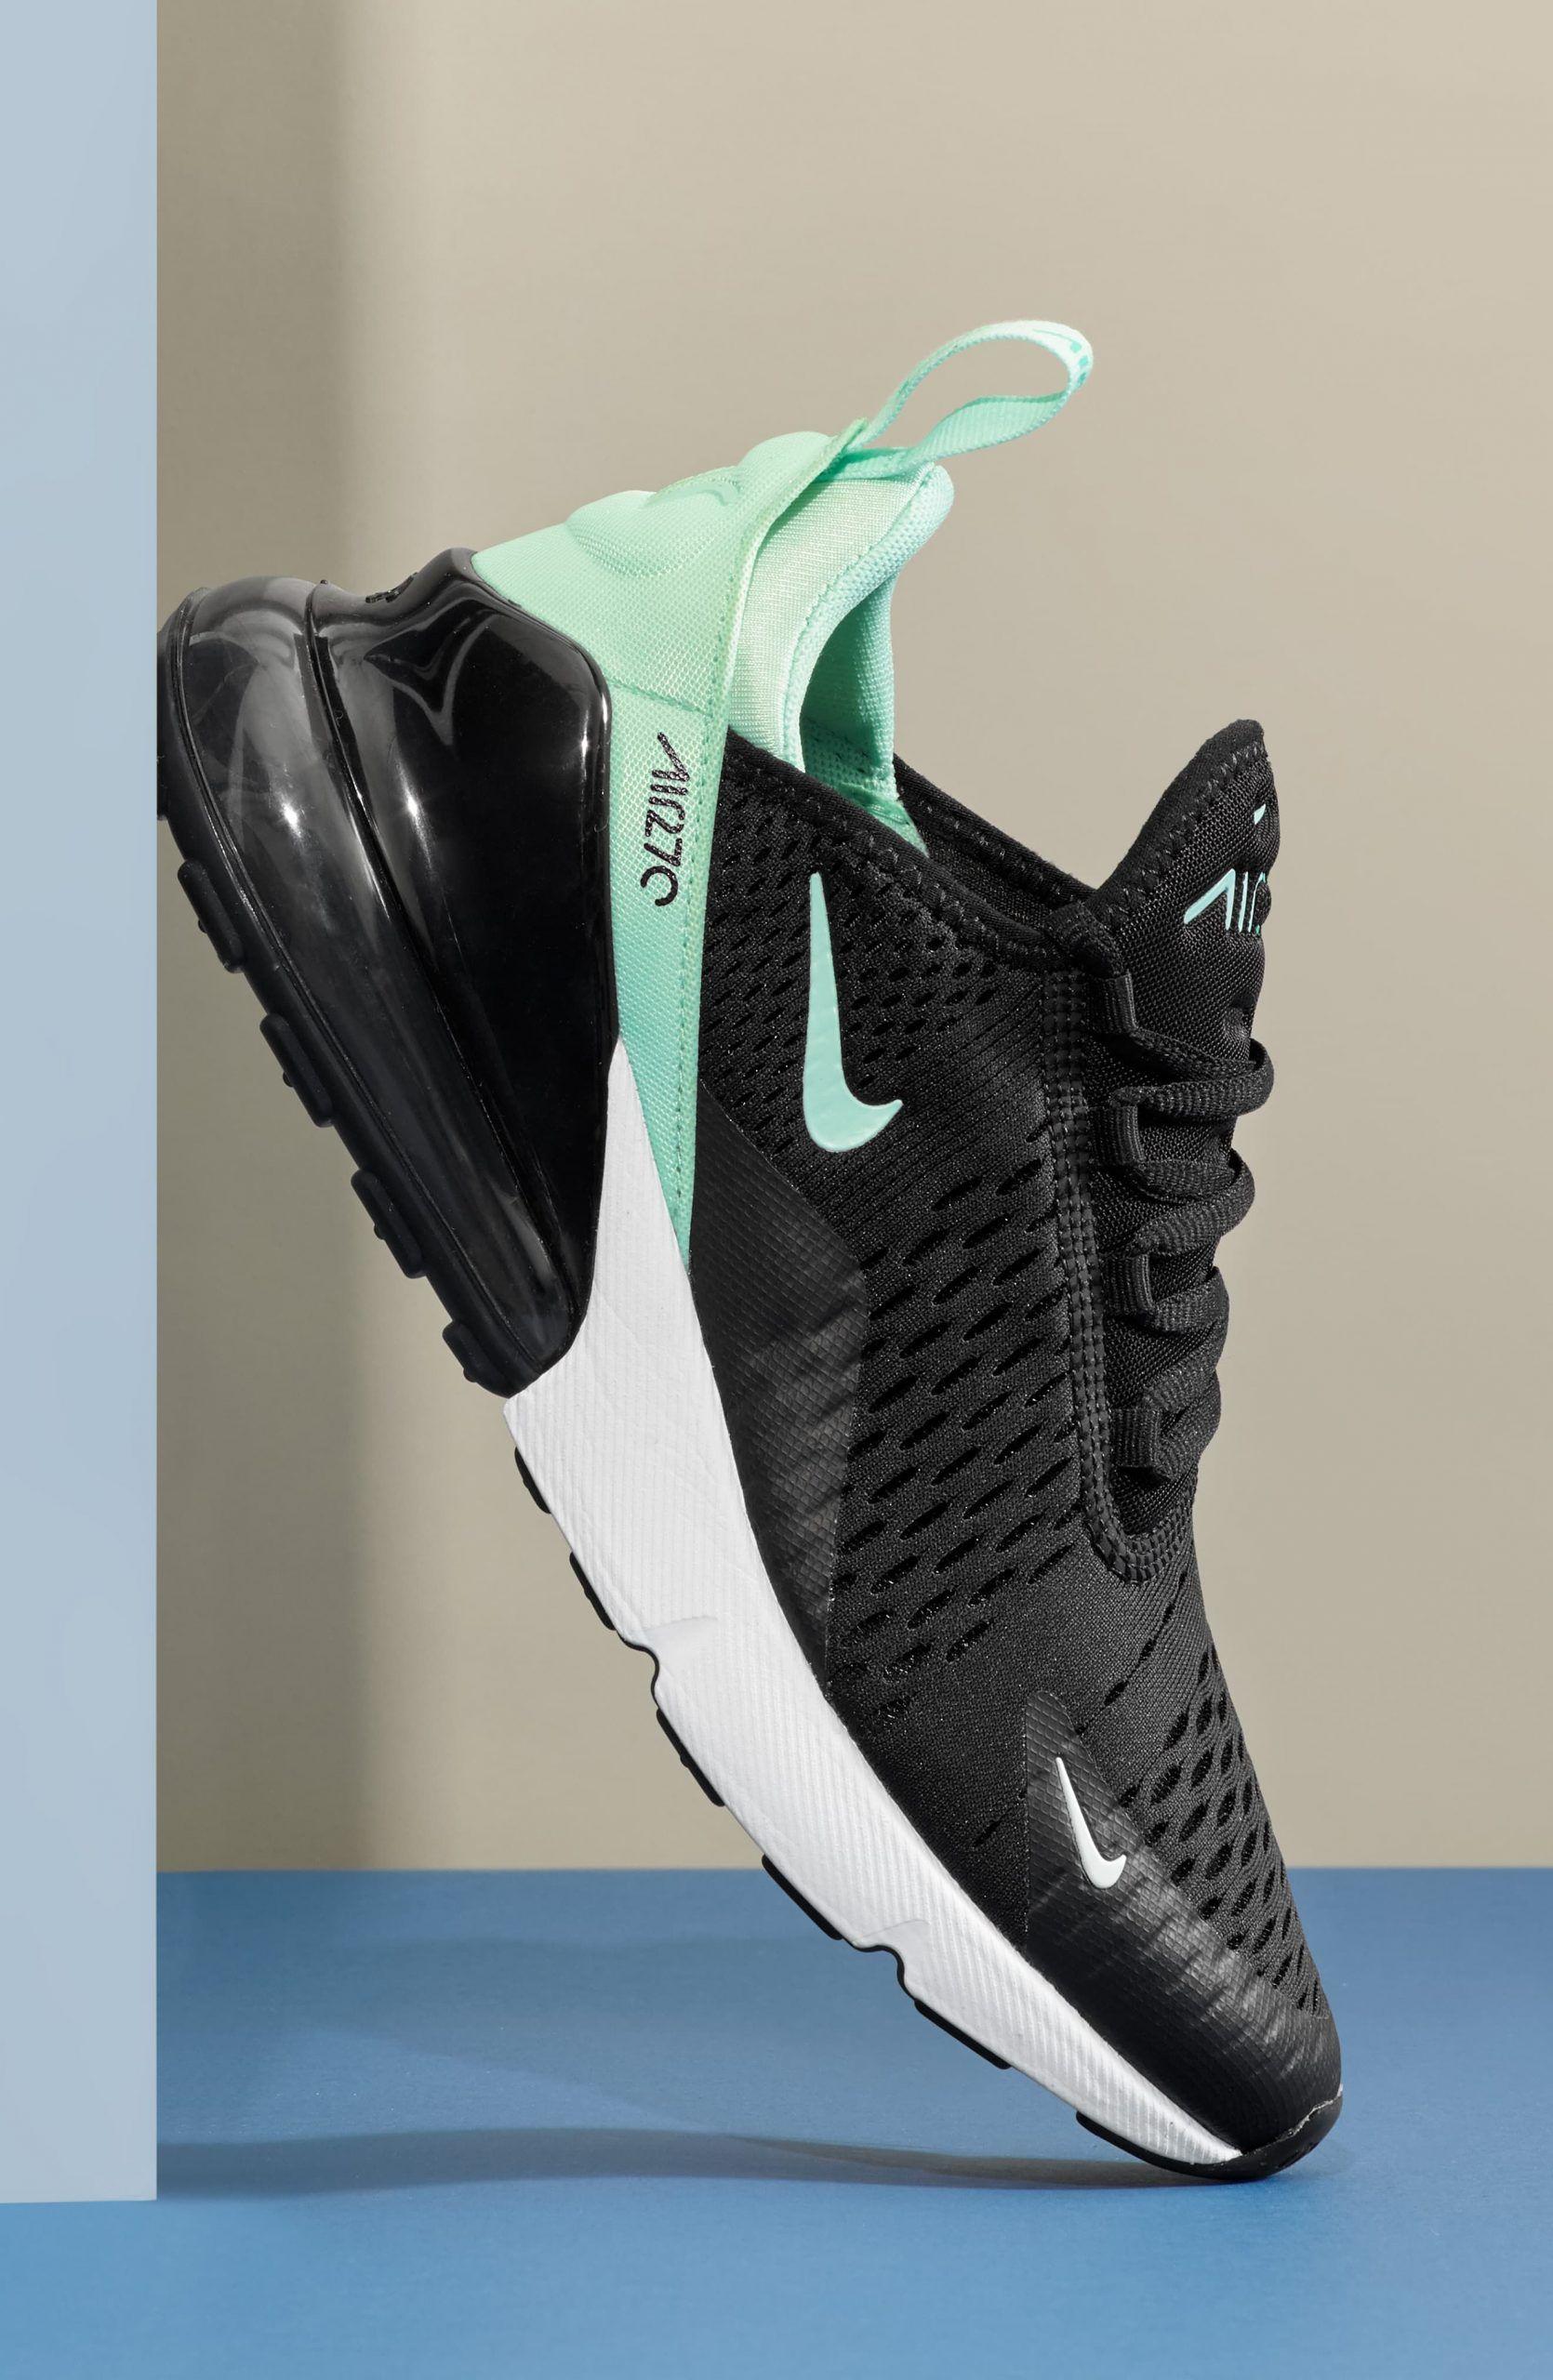 Damen Nike Air Max 270 Premium Sneaker Grosse 7 5 M Schwarz In 2020 Nike Schuhe Nike Air Max Nike Damenschuhe